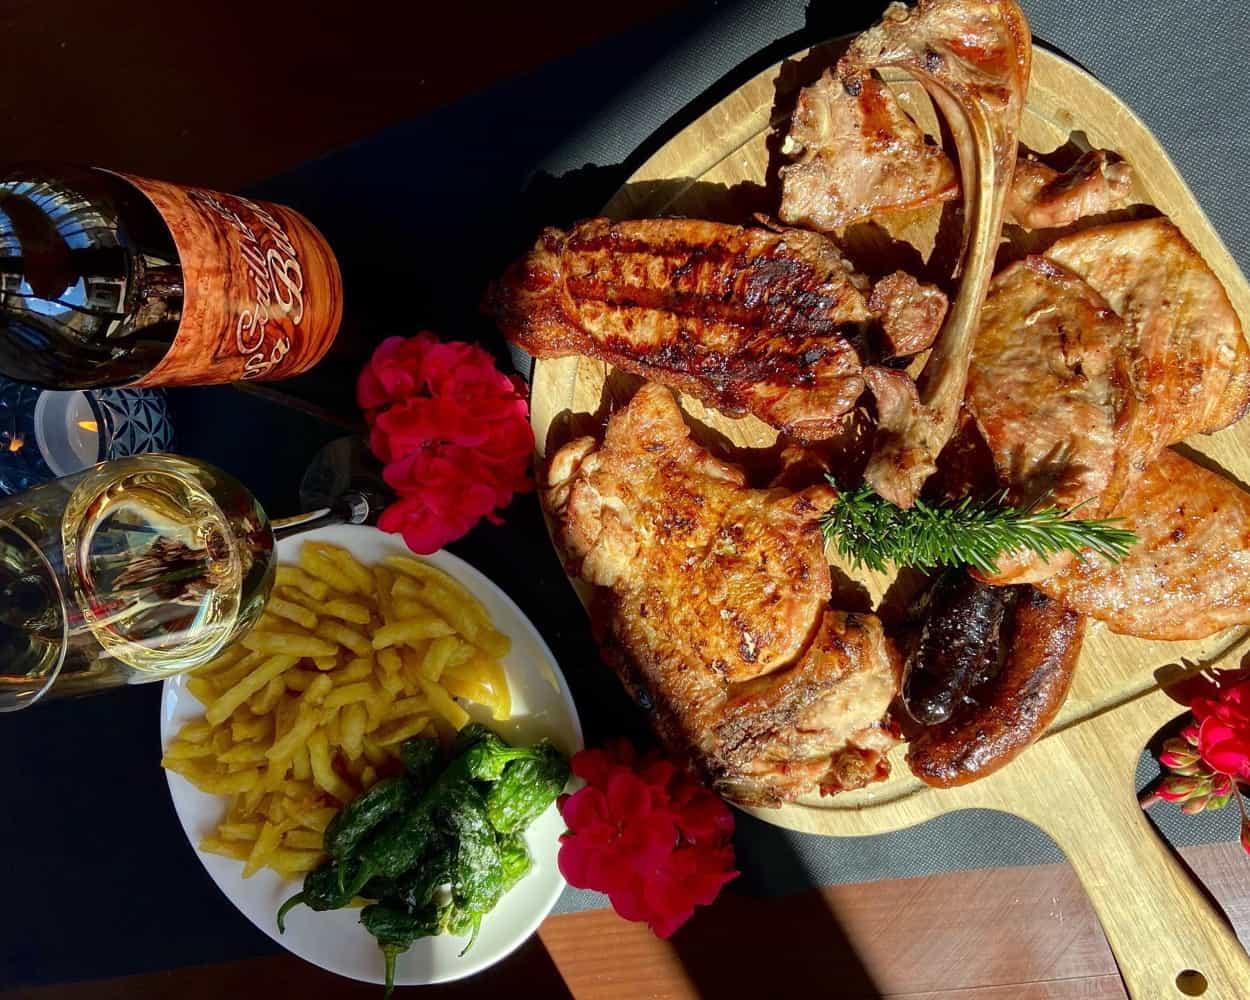 I migliori ristoranti dove mangiare carne a Ibiza Agenda culturale ed eventi Ibiza